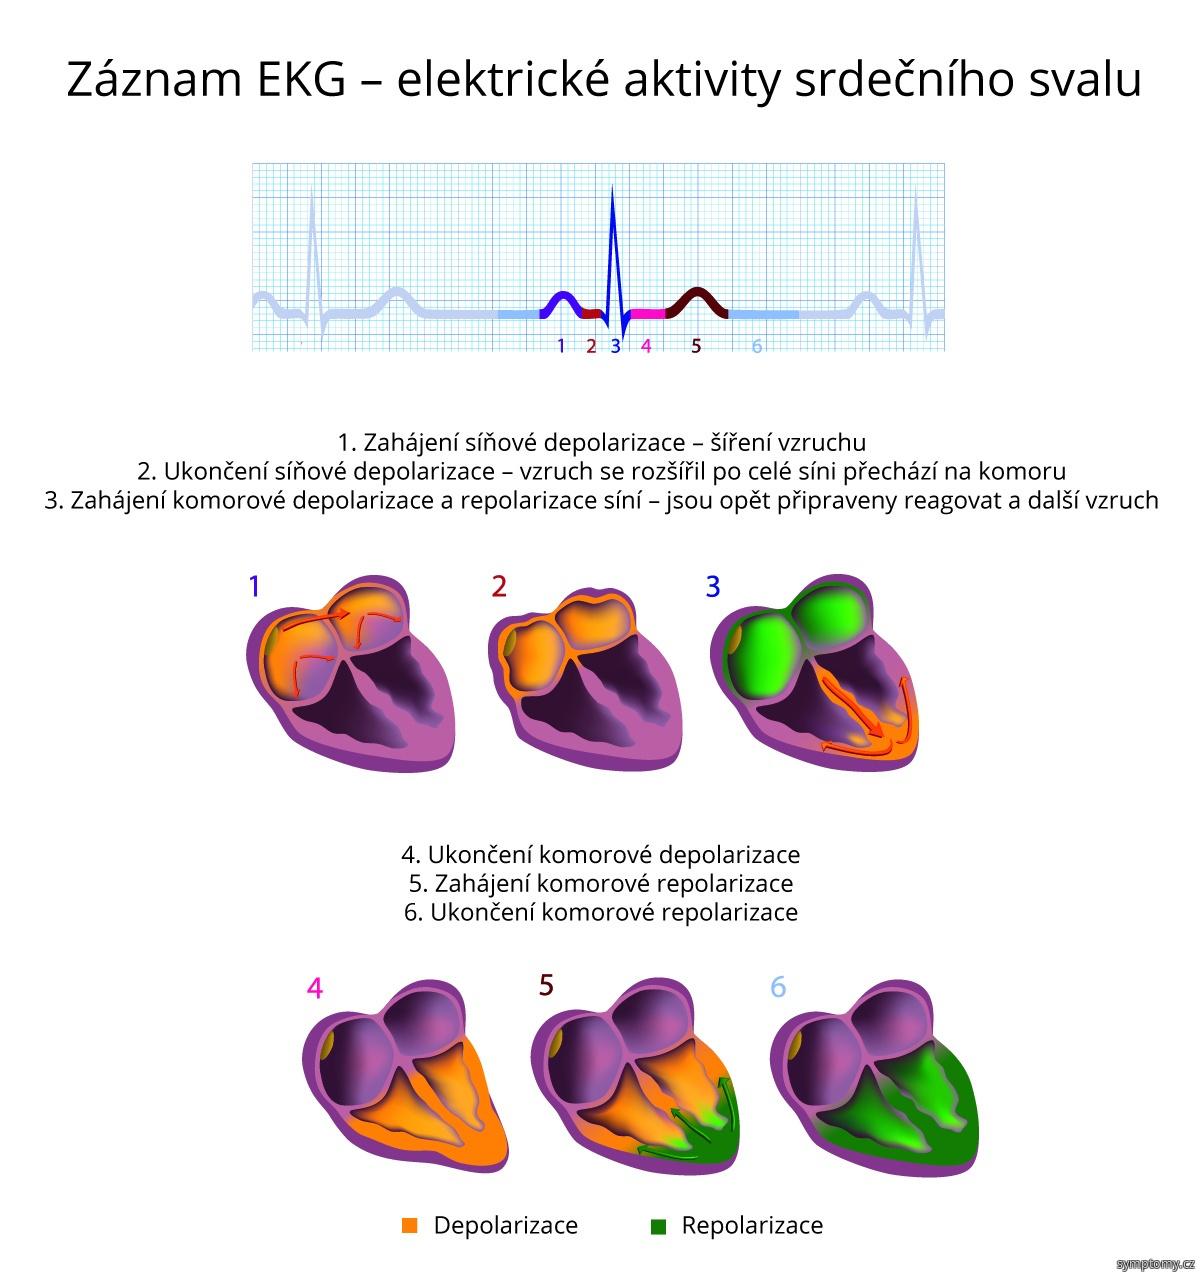 Záznam EKG - elektrické aktivity srdečního svalu